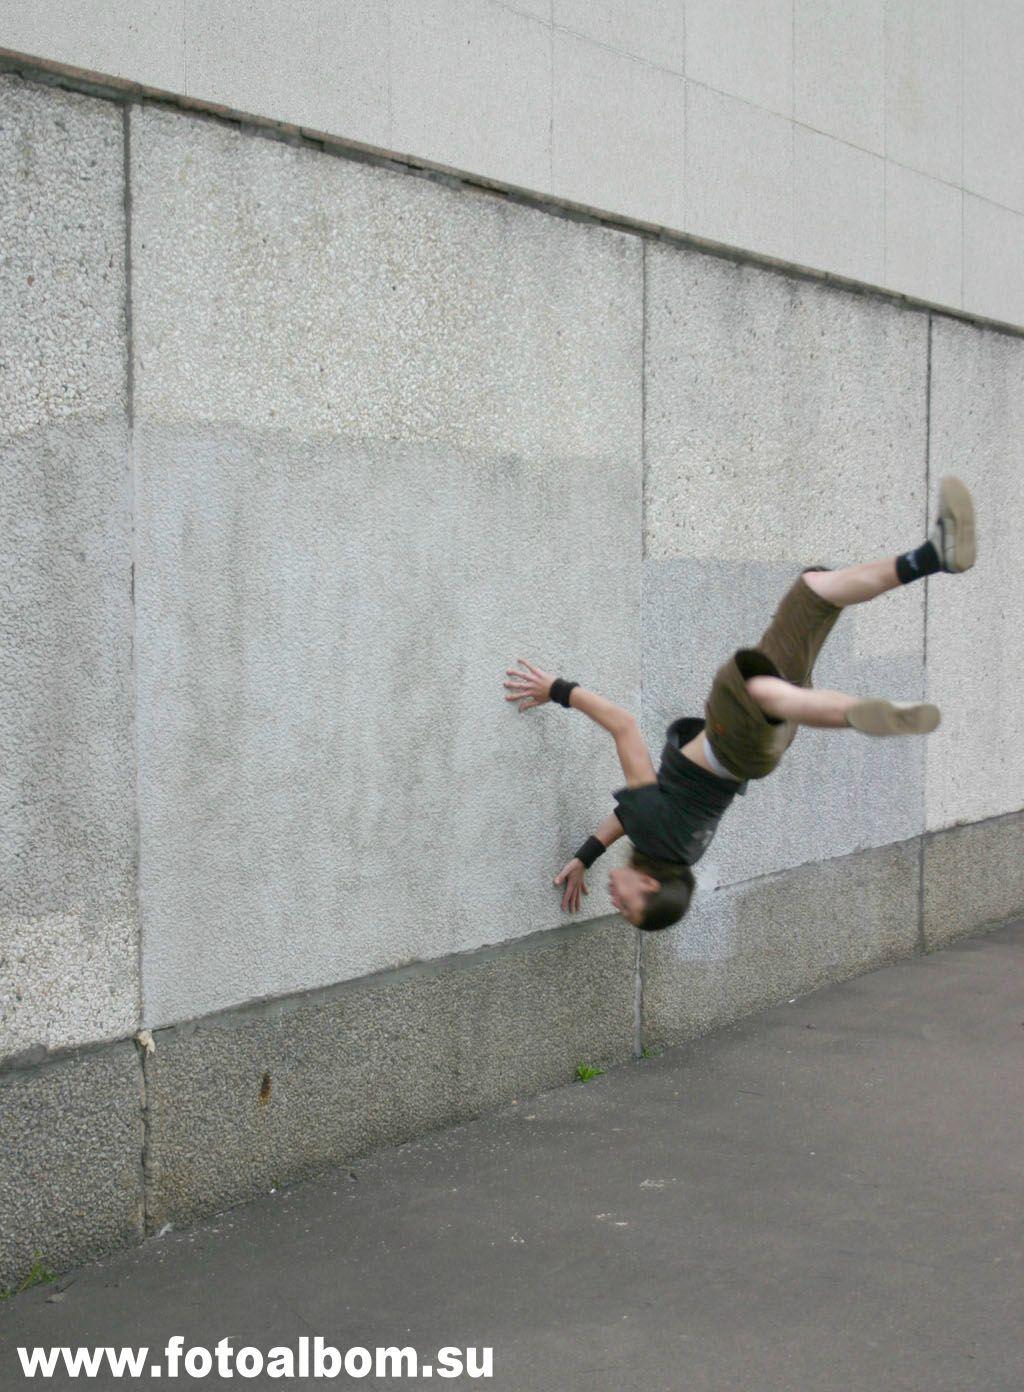 Евгений Дзень. ВВЦ, элемент - wallflip(сальто)